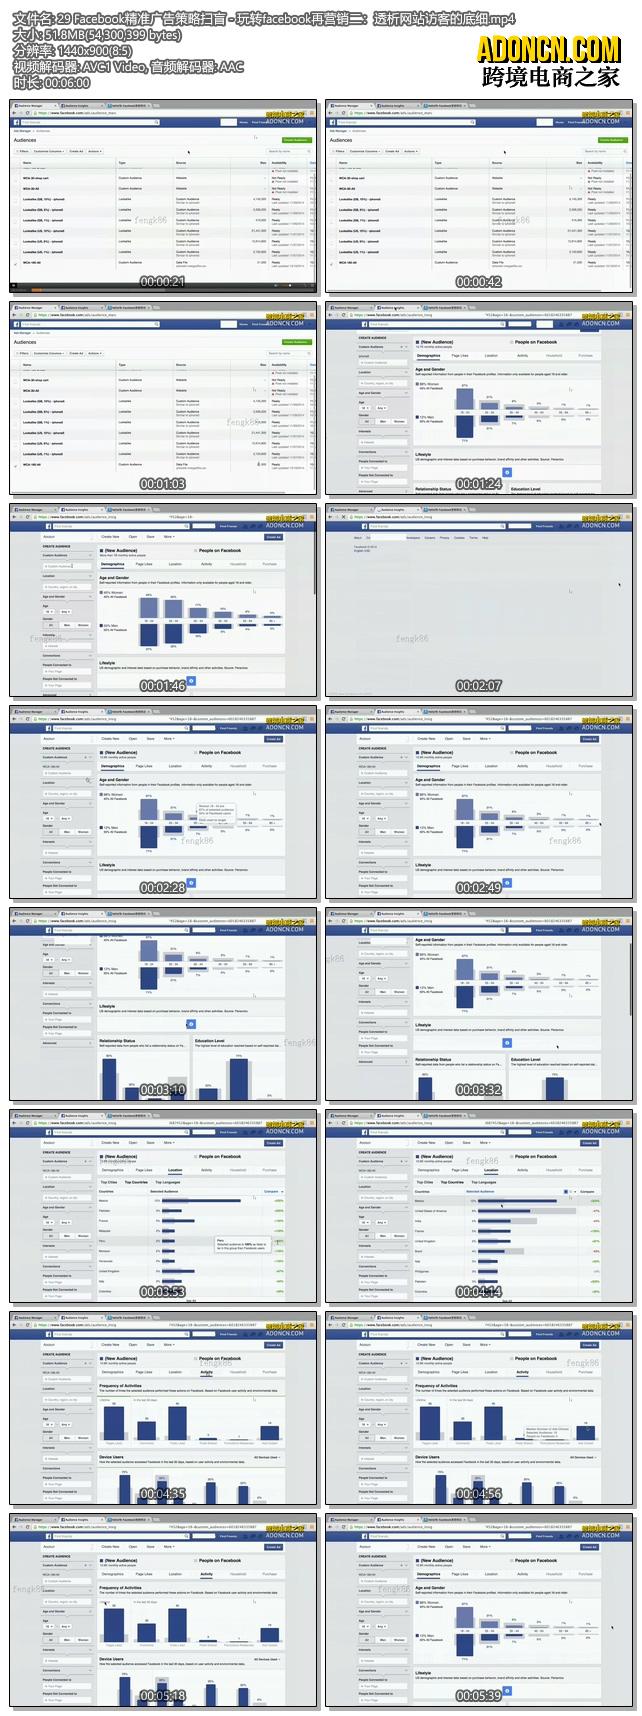 Facebook精准广告策略扫盲 - 玩转facebook再营销二: 透析网站访客的底细(外贸电商在Facebook上怎么做推广如何做营销视频教程)